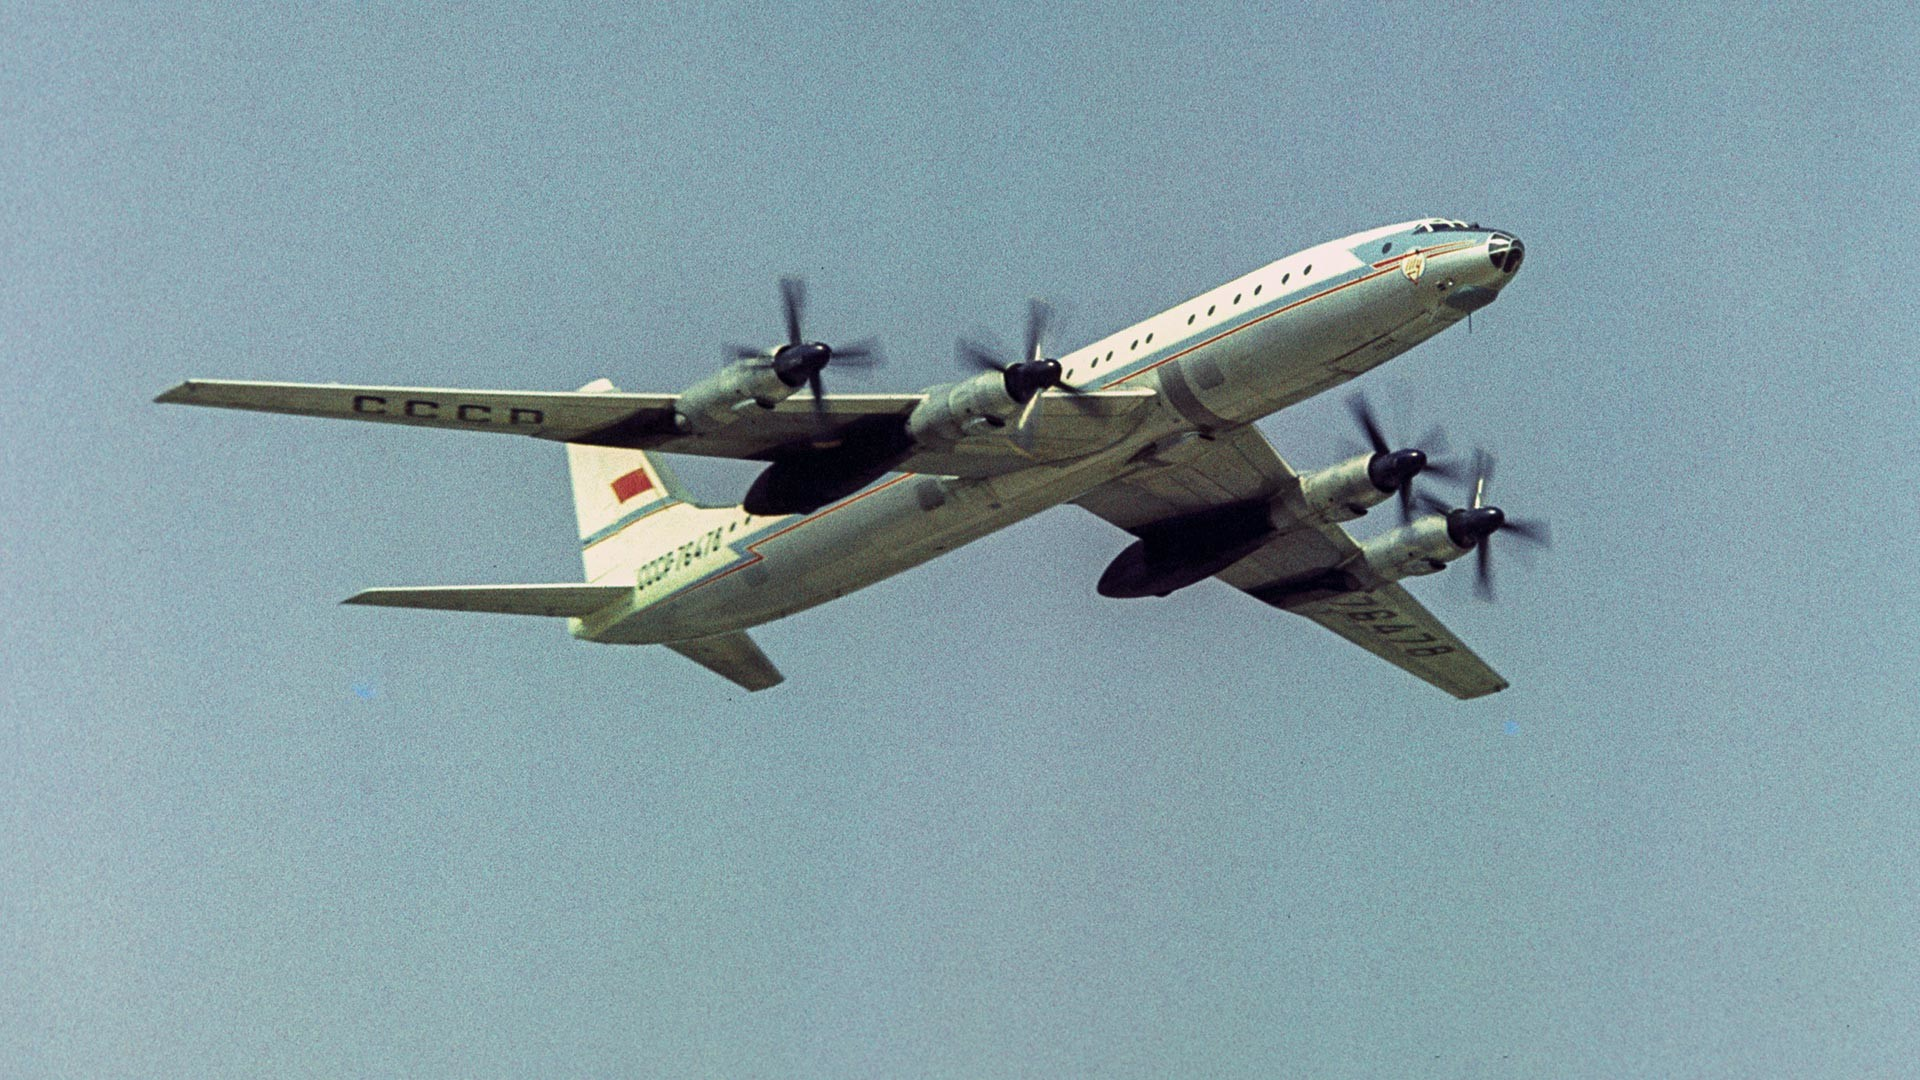 Tu-114 nad letališčem Domodedovo v Moskvi med letalskim praznikom ob 50. obletnici oktobrske revolucije